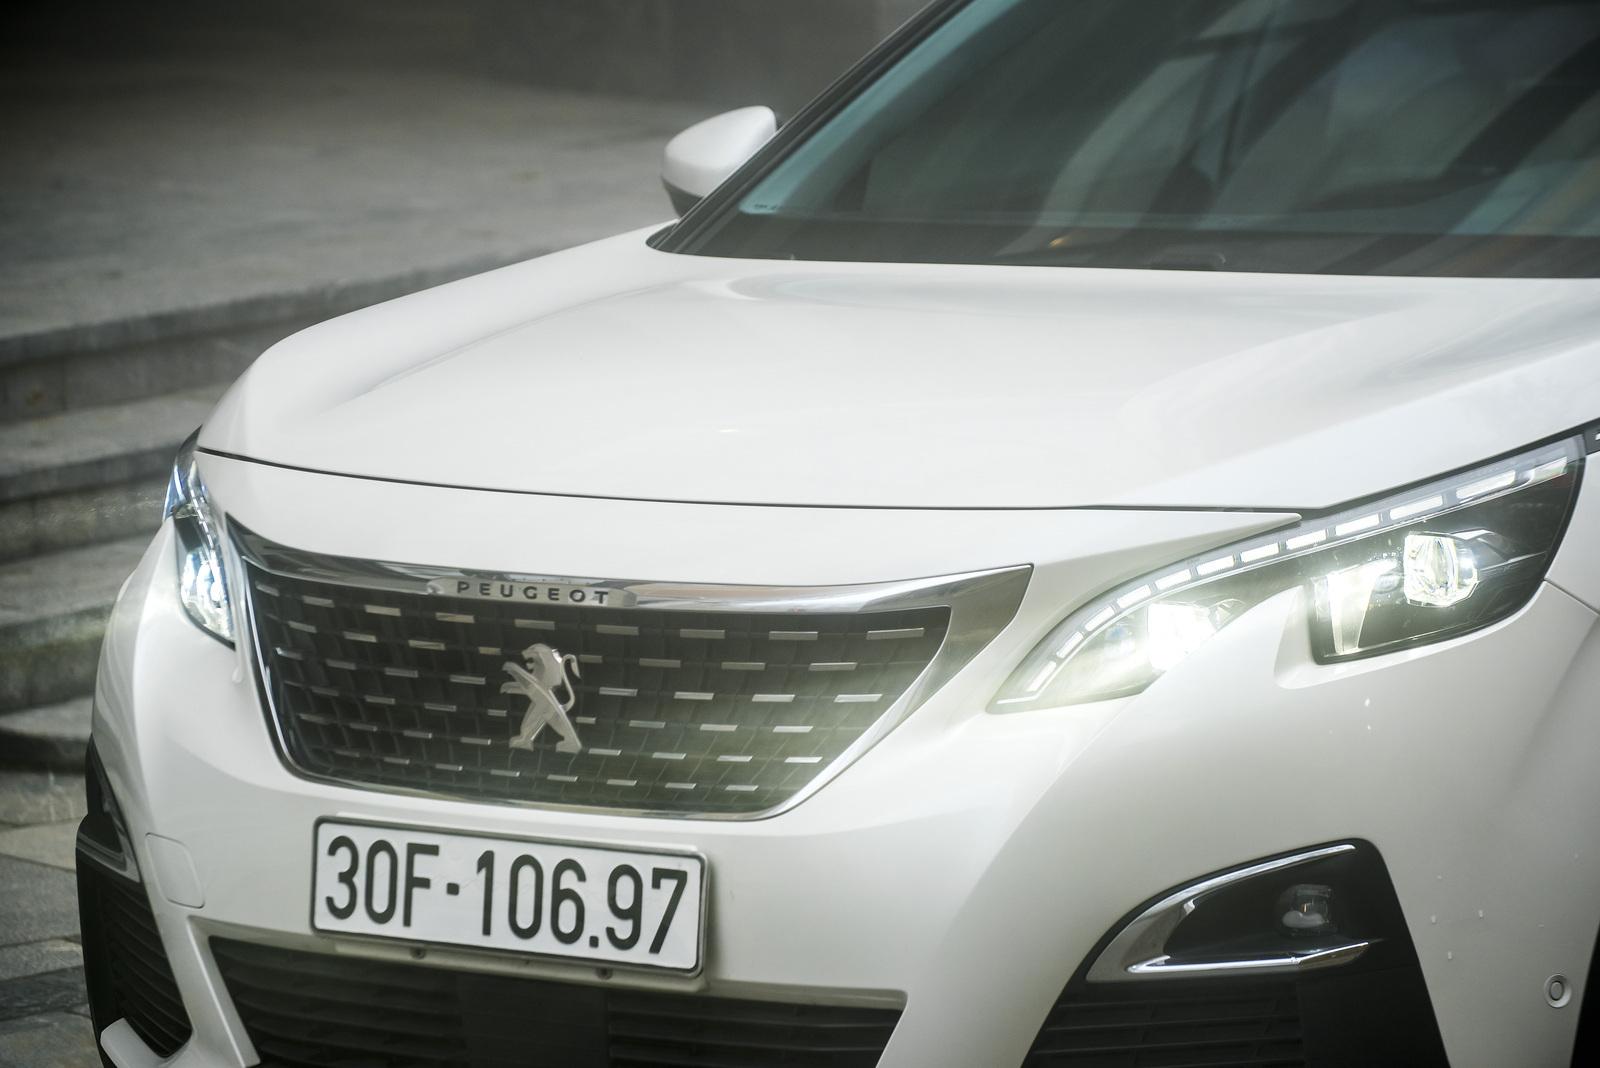 Peugeot-Sapa64-2995-1568884254.jpg